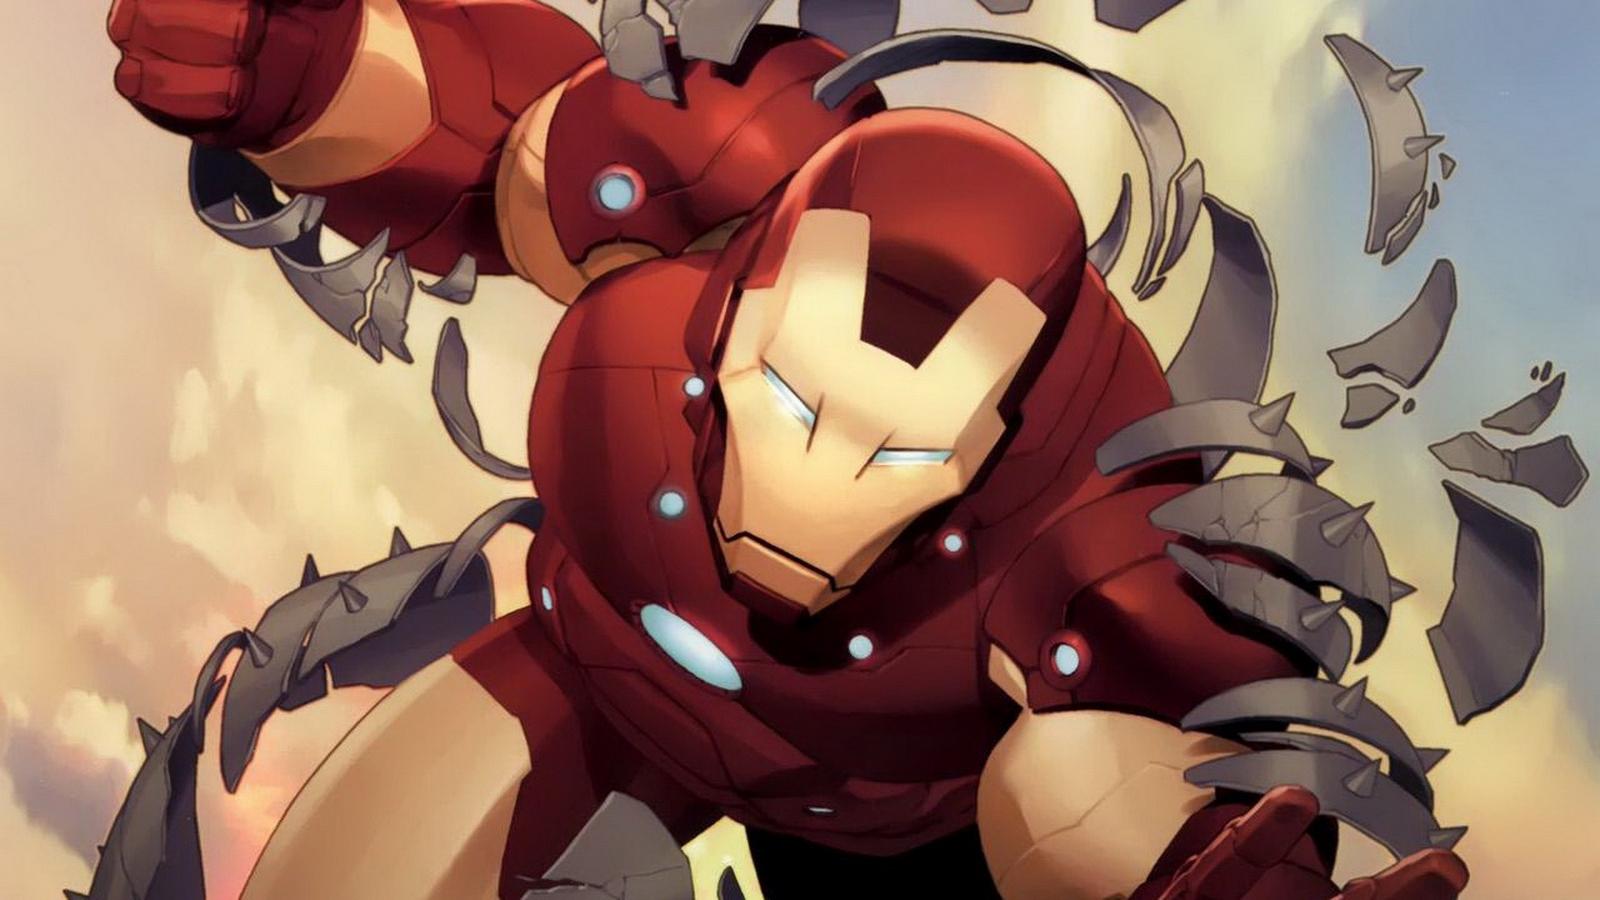 http://2.bp.blogspot.com/-i0Tzj88Zz-g/UNx0oq8TOaI/AAAAAAAAULg/IMca01Sc460/s1600/Comic_Iron_Man_Wallpaper.jpg